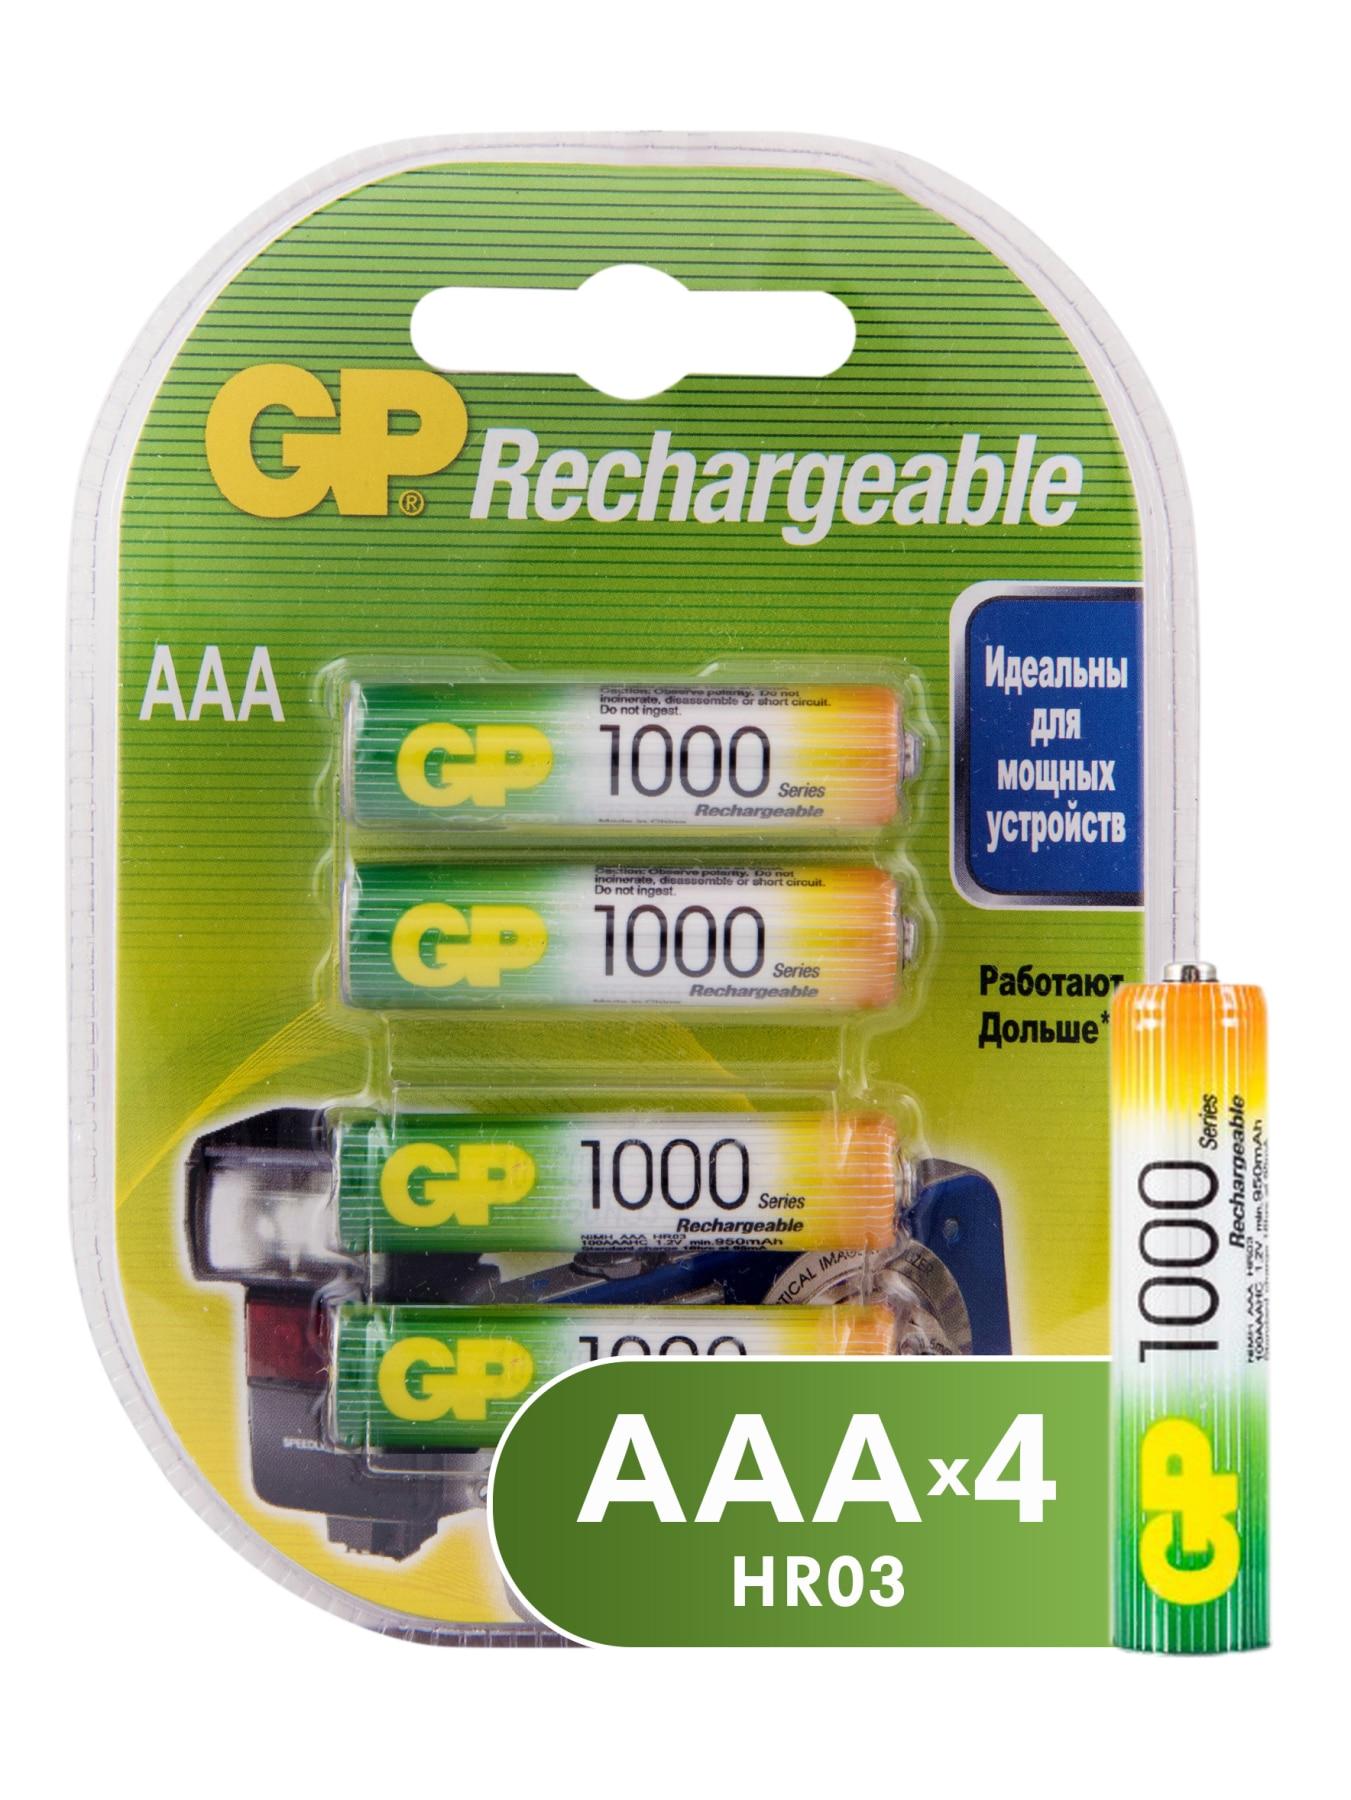 Аккумуляторы никель-металлгидридные (NiMH) ААА для фототехники, 4 шт в упаковке, 930 мАч (GP 100AAAHC-2DECRC4), 1.2 V